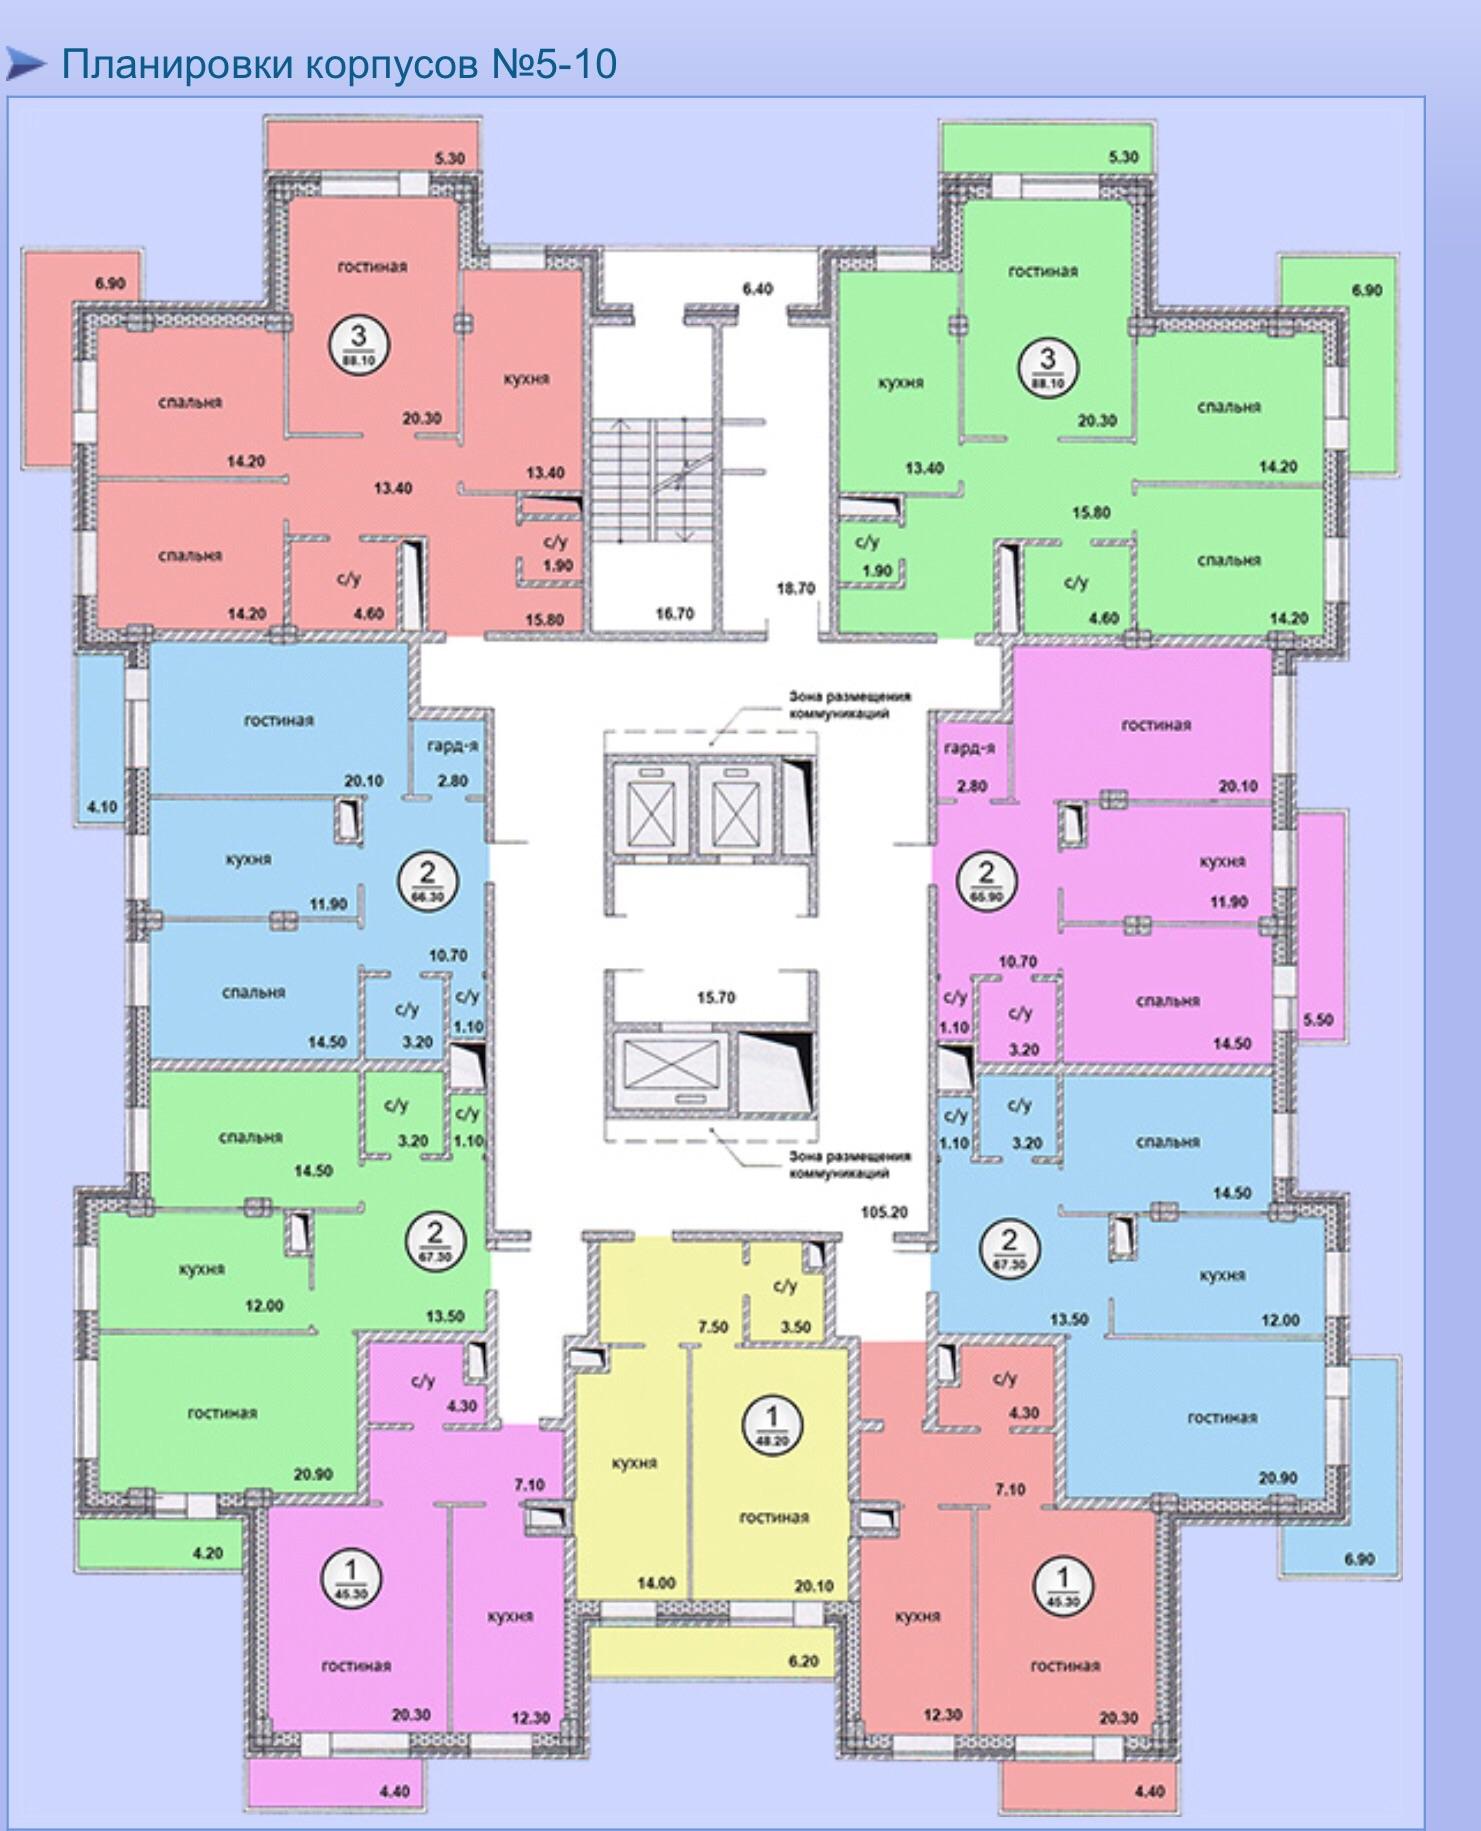 Миэль - офис в г. московский - 2-комнатные квартиры.